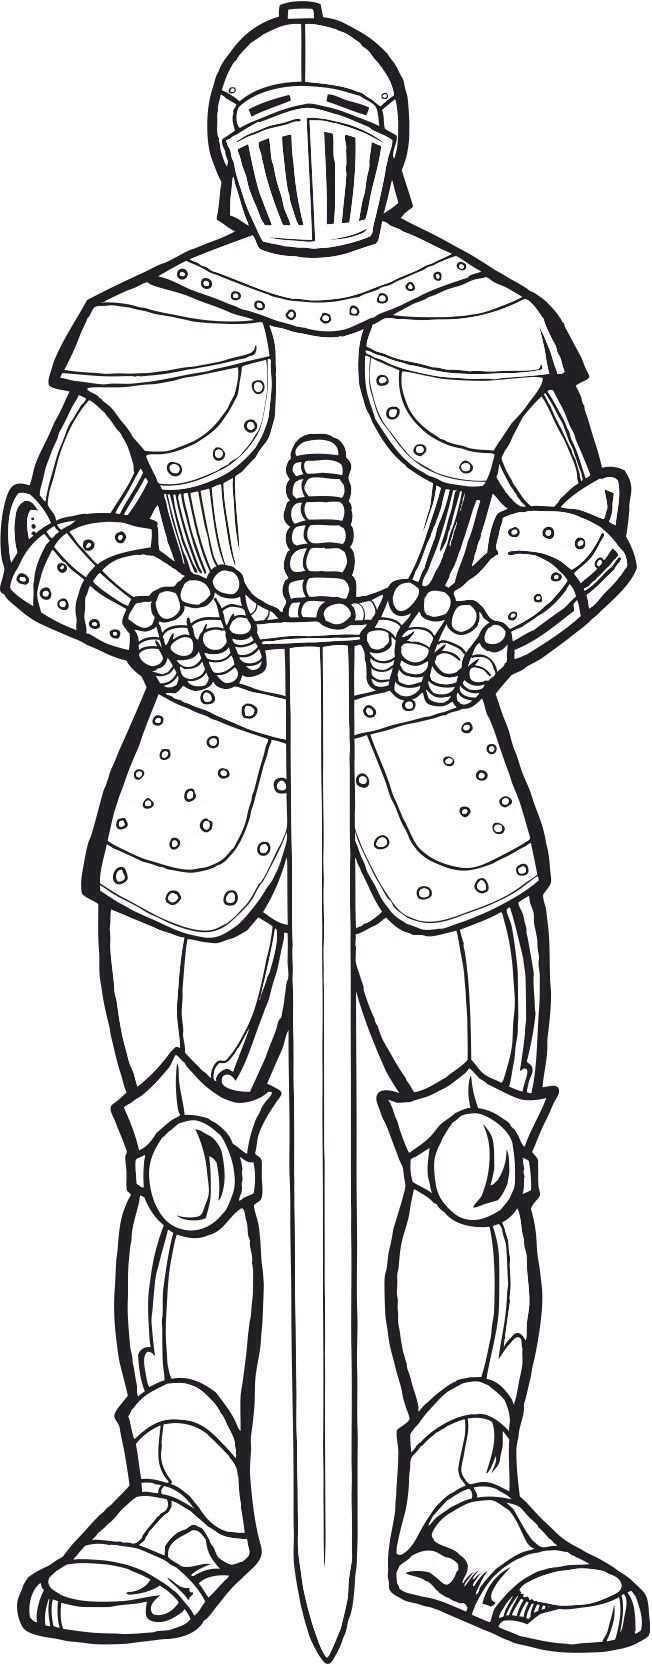 Knight Ausmalbilder Ritter Ausmalbilder Zum Ausdrucken Kostenlos Rustung Gottes